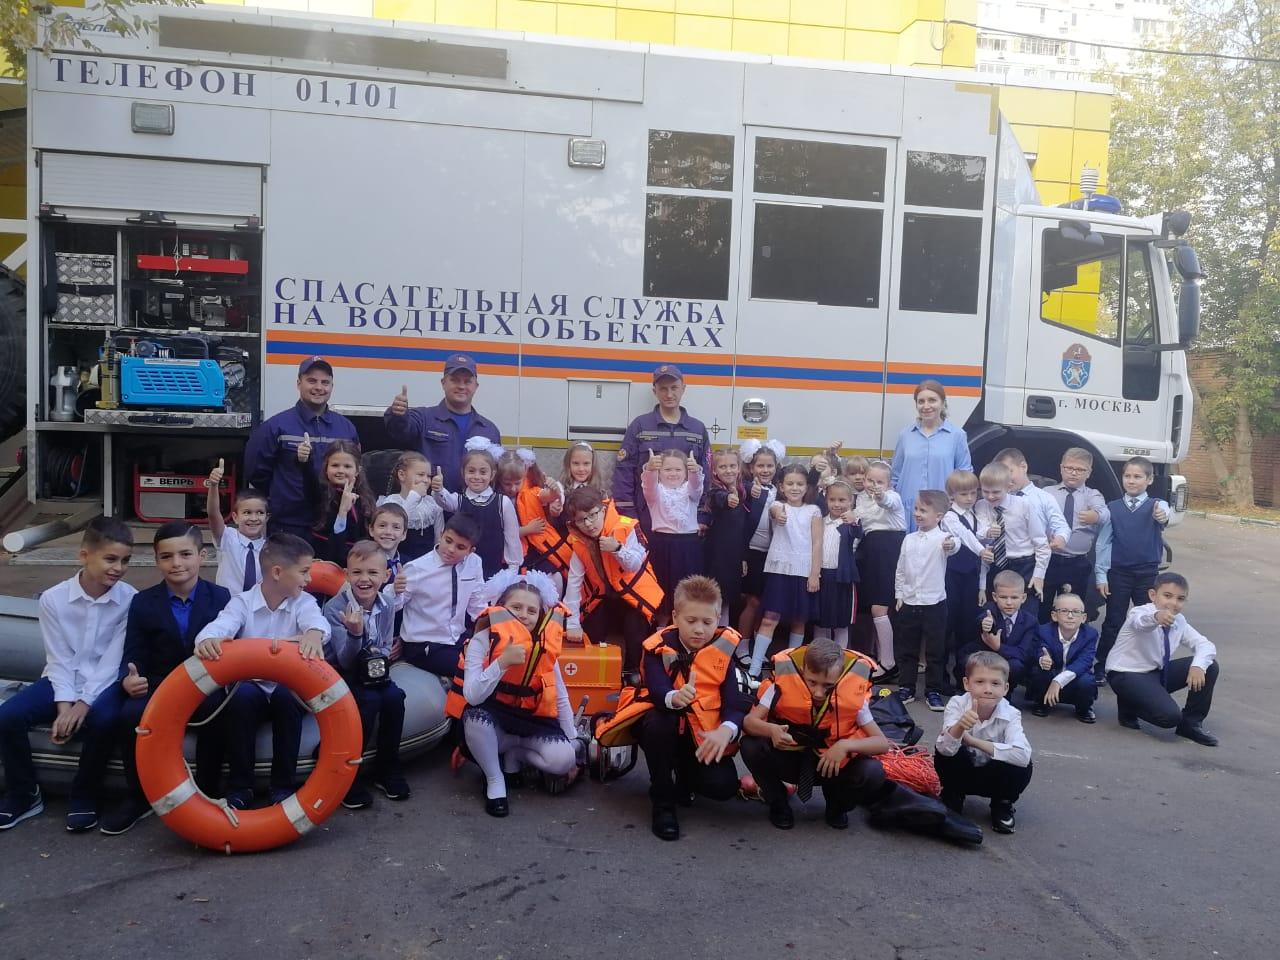 Столичные пожарные и спасатели в День знаний поздравили школьников и провели открытые уроки по безопасности